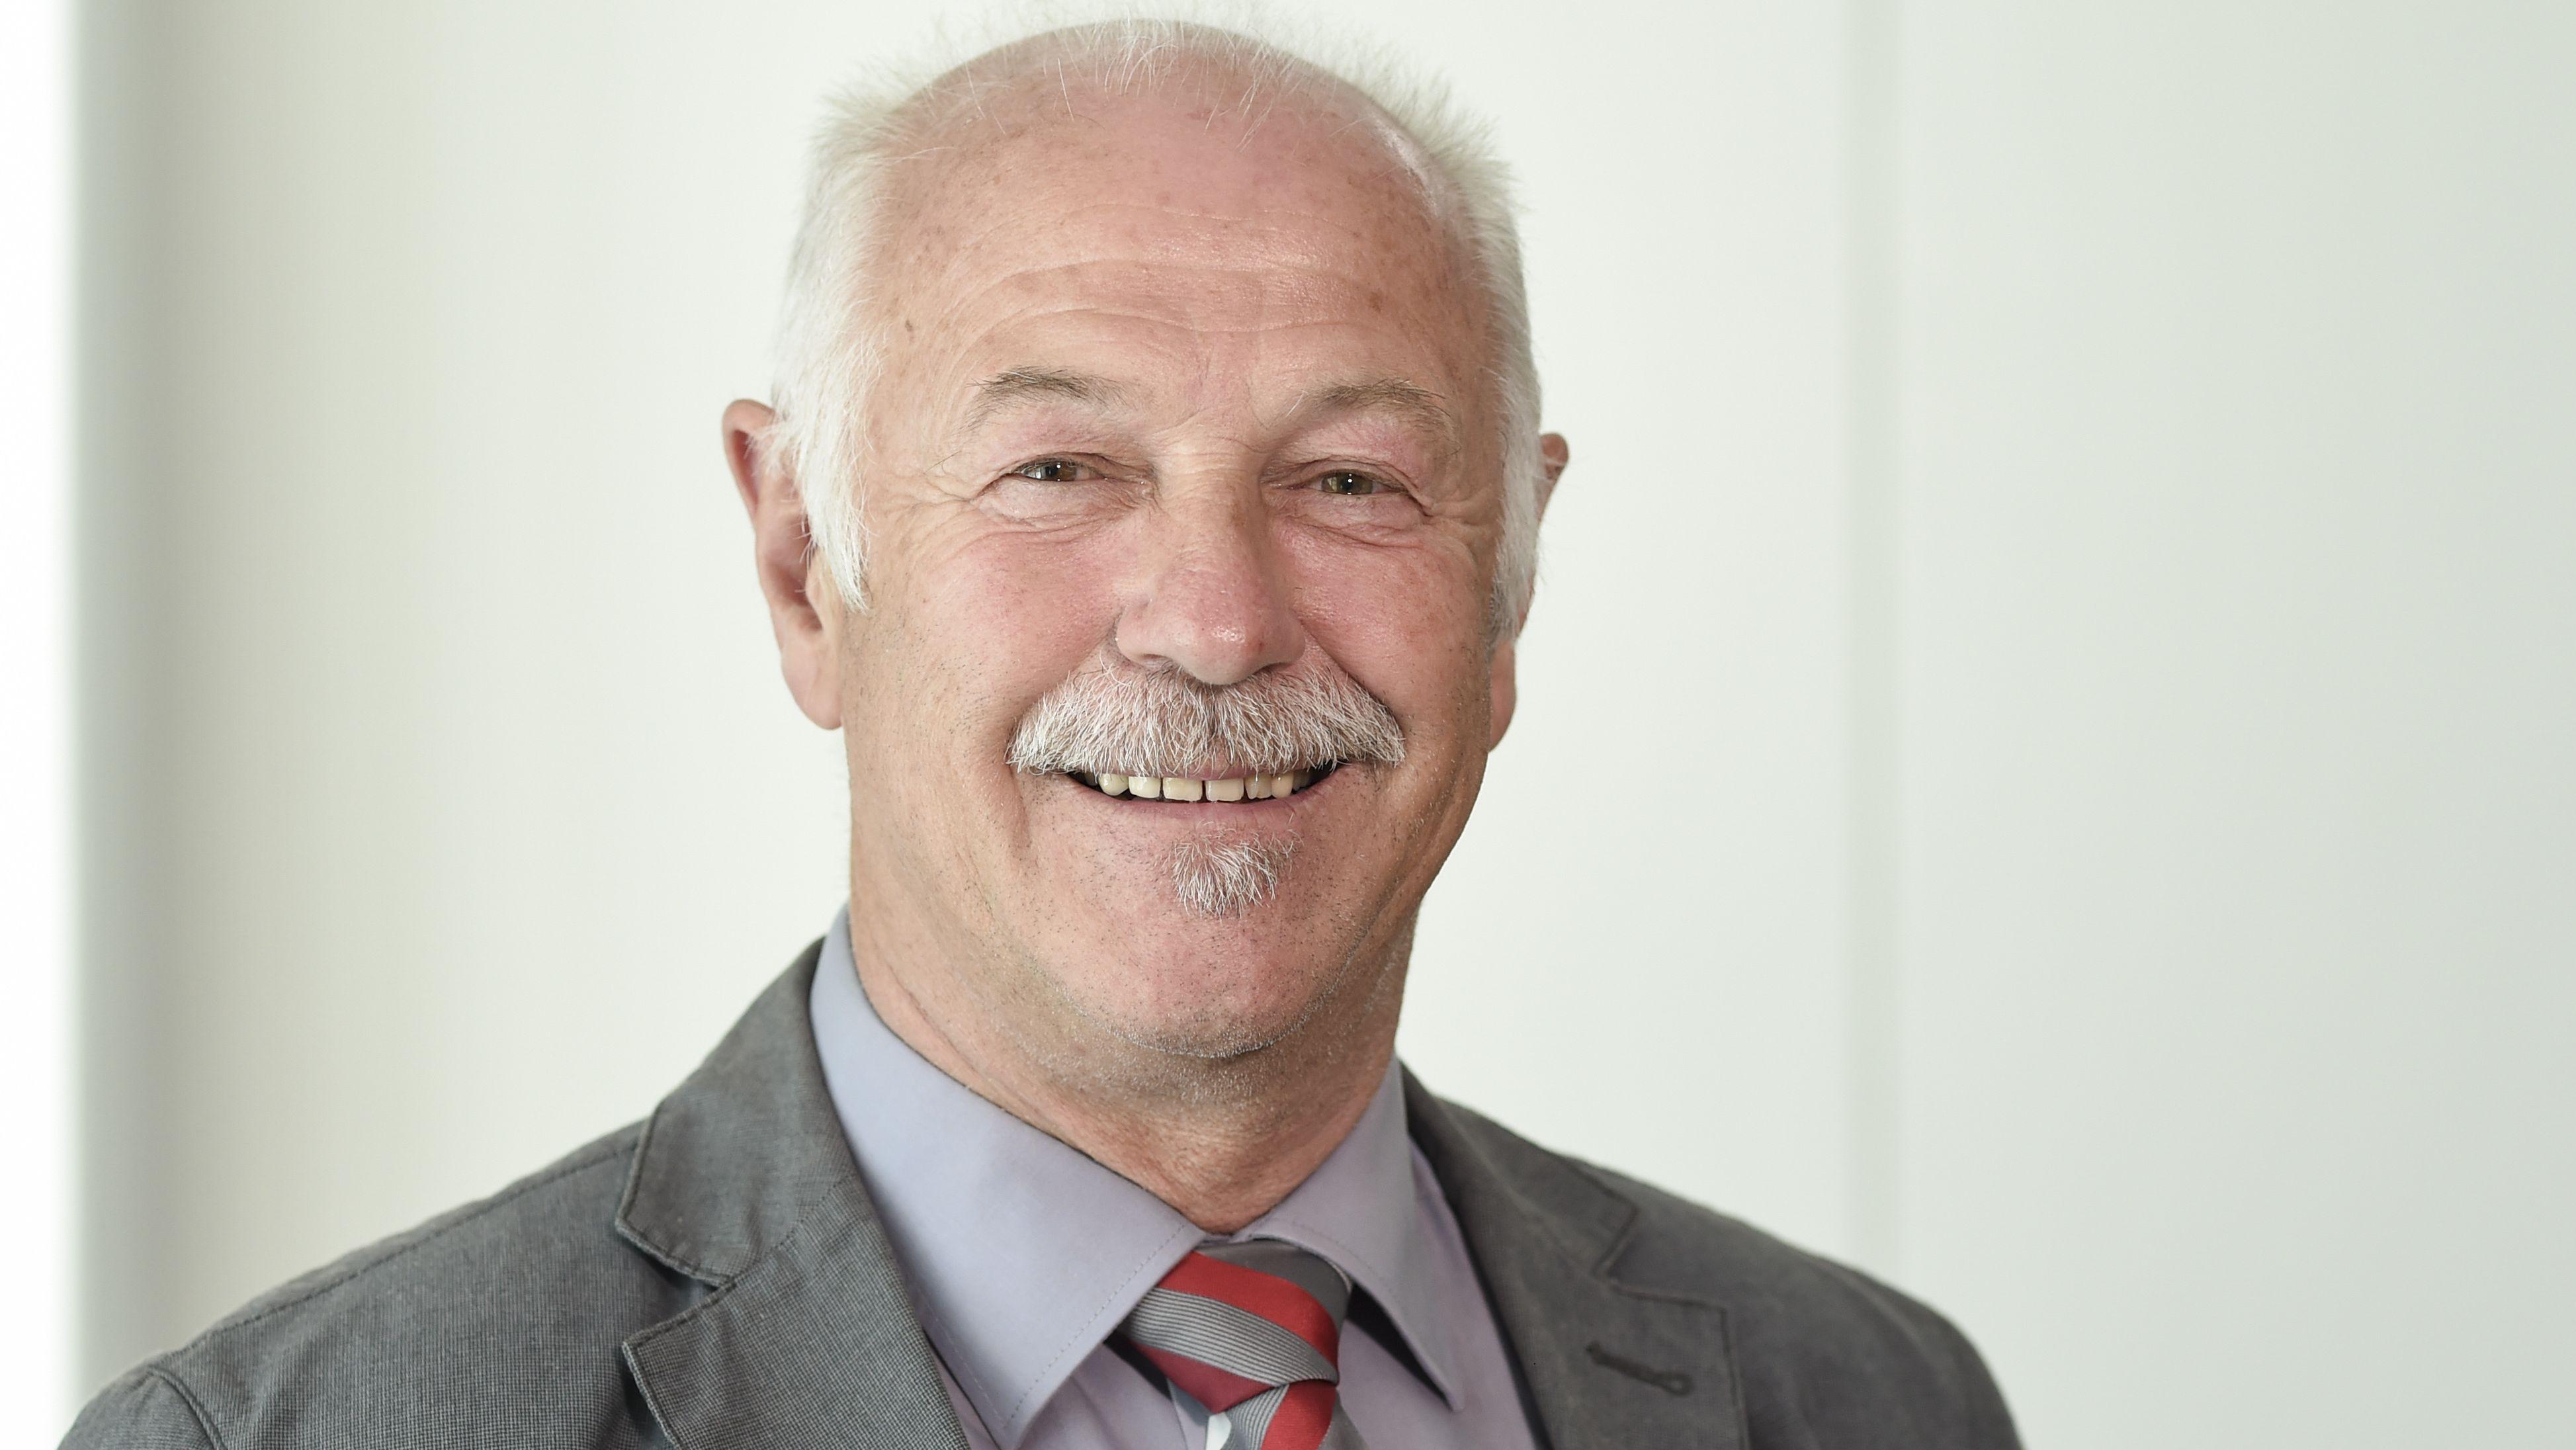 Der Landtagsabgeordnete Benno Zierer (Freie Wähler) hat einen Shitstorm ausgelöst.